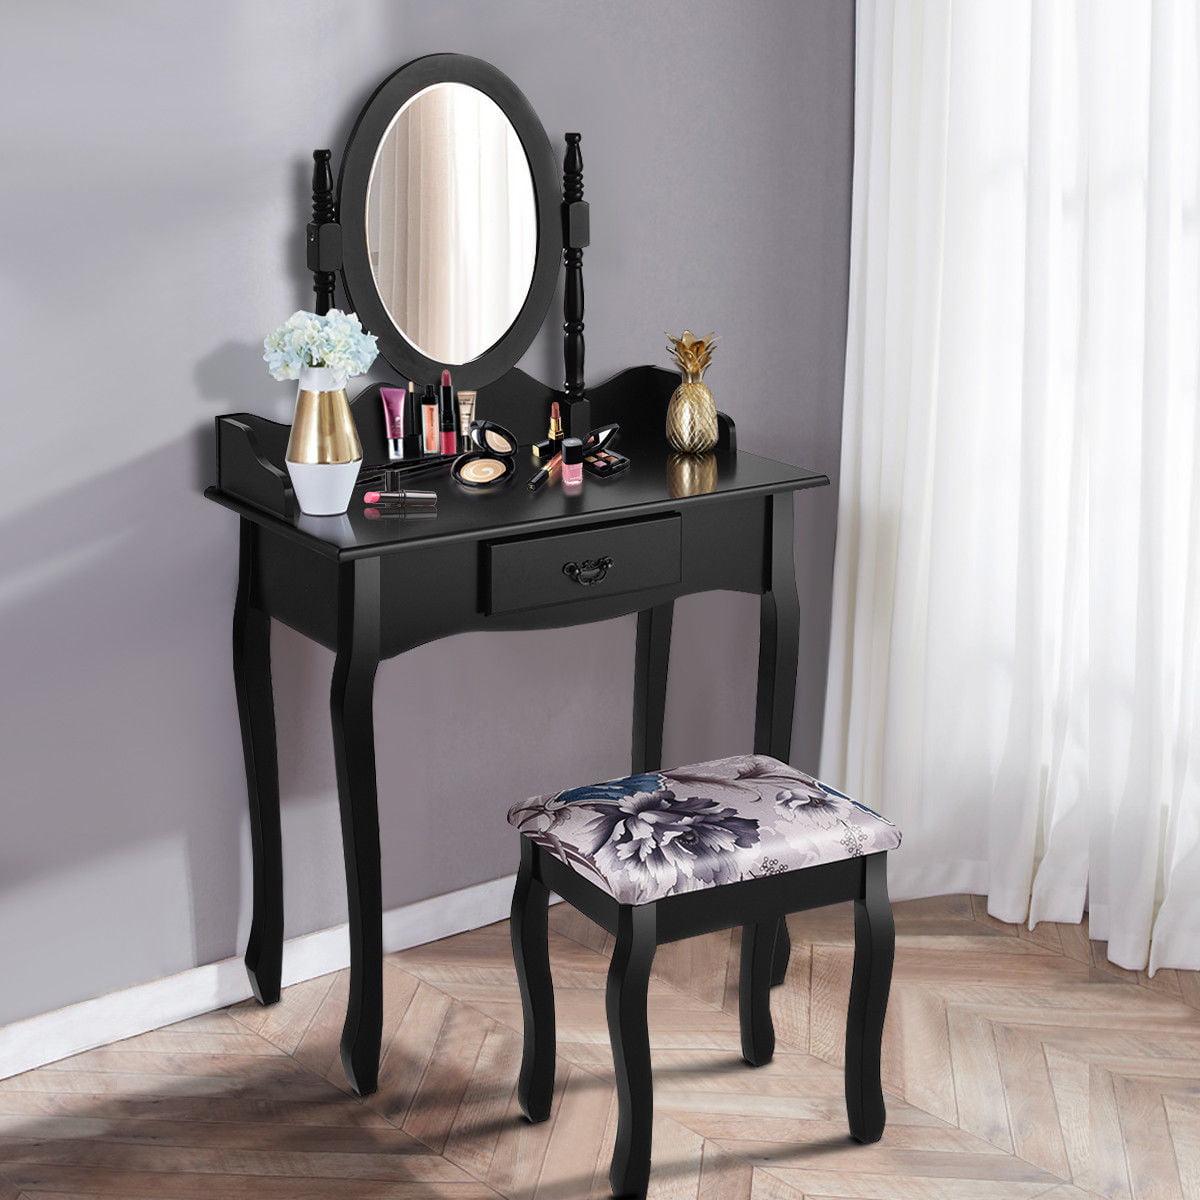 Costway Vanity Wood Makeup Dressing Table Stool Set Jewelry Desk W/ Drawer &Mirror bathroom White/Black